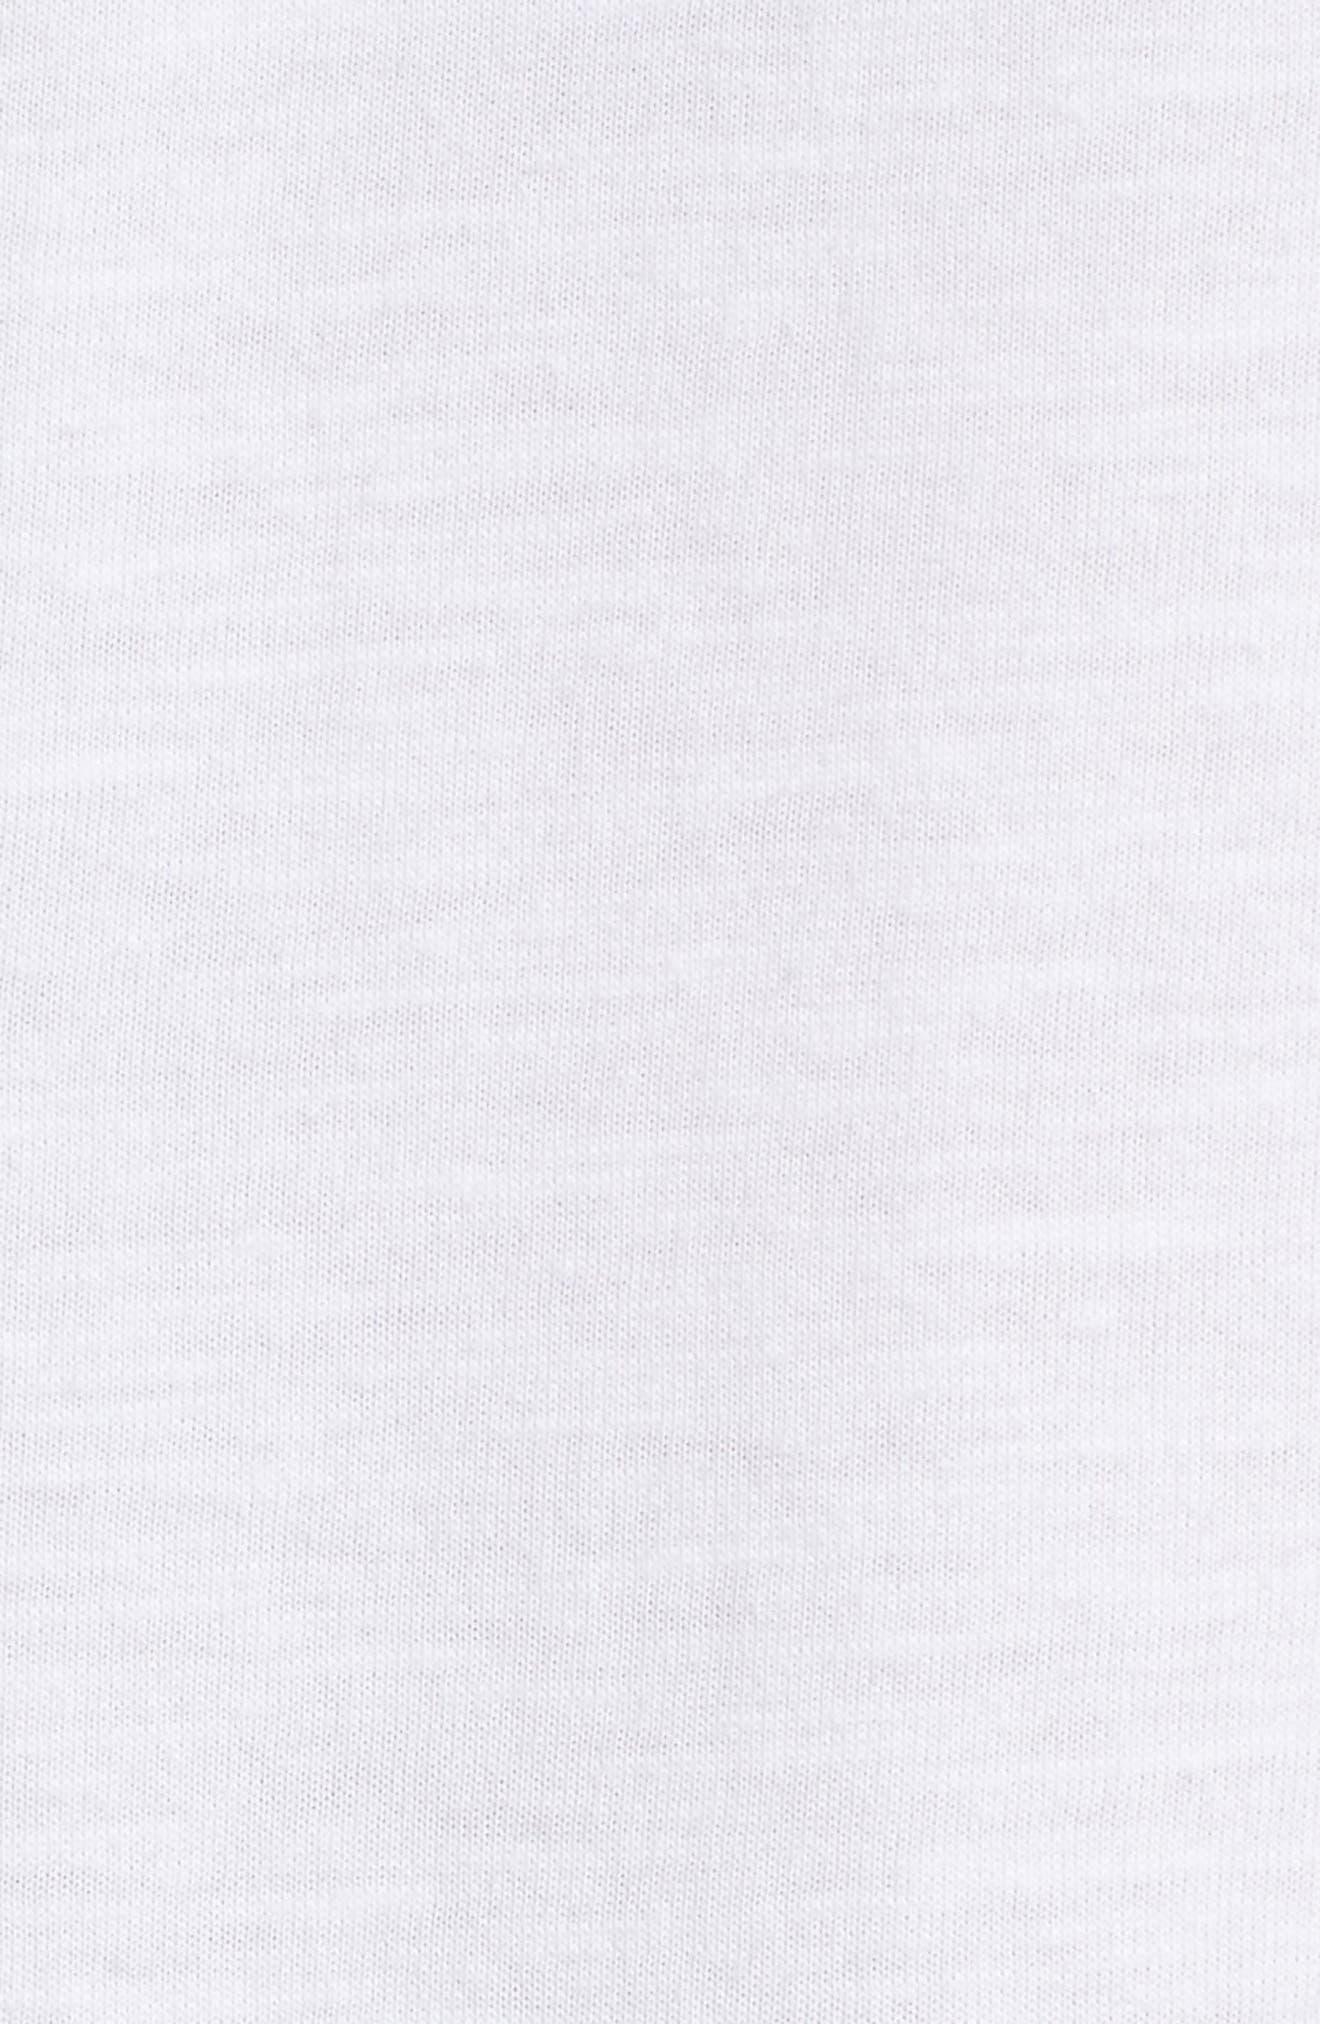 Dry Lagos Polo,                             Alternate thumbnail 5, color,                             White